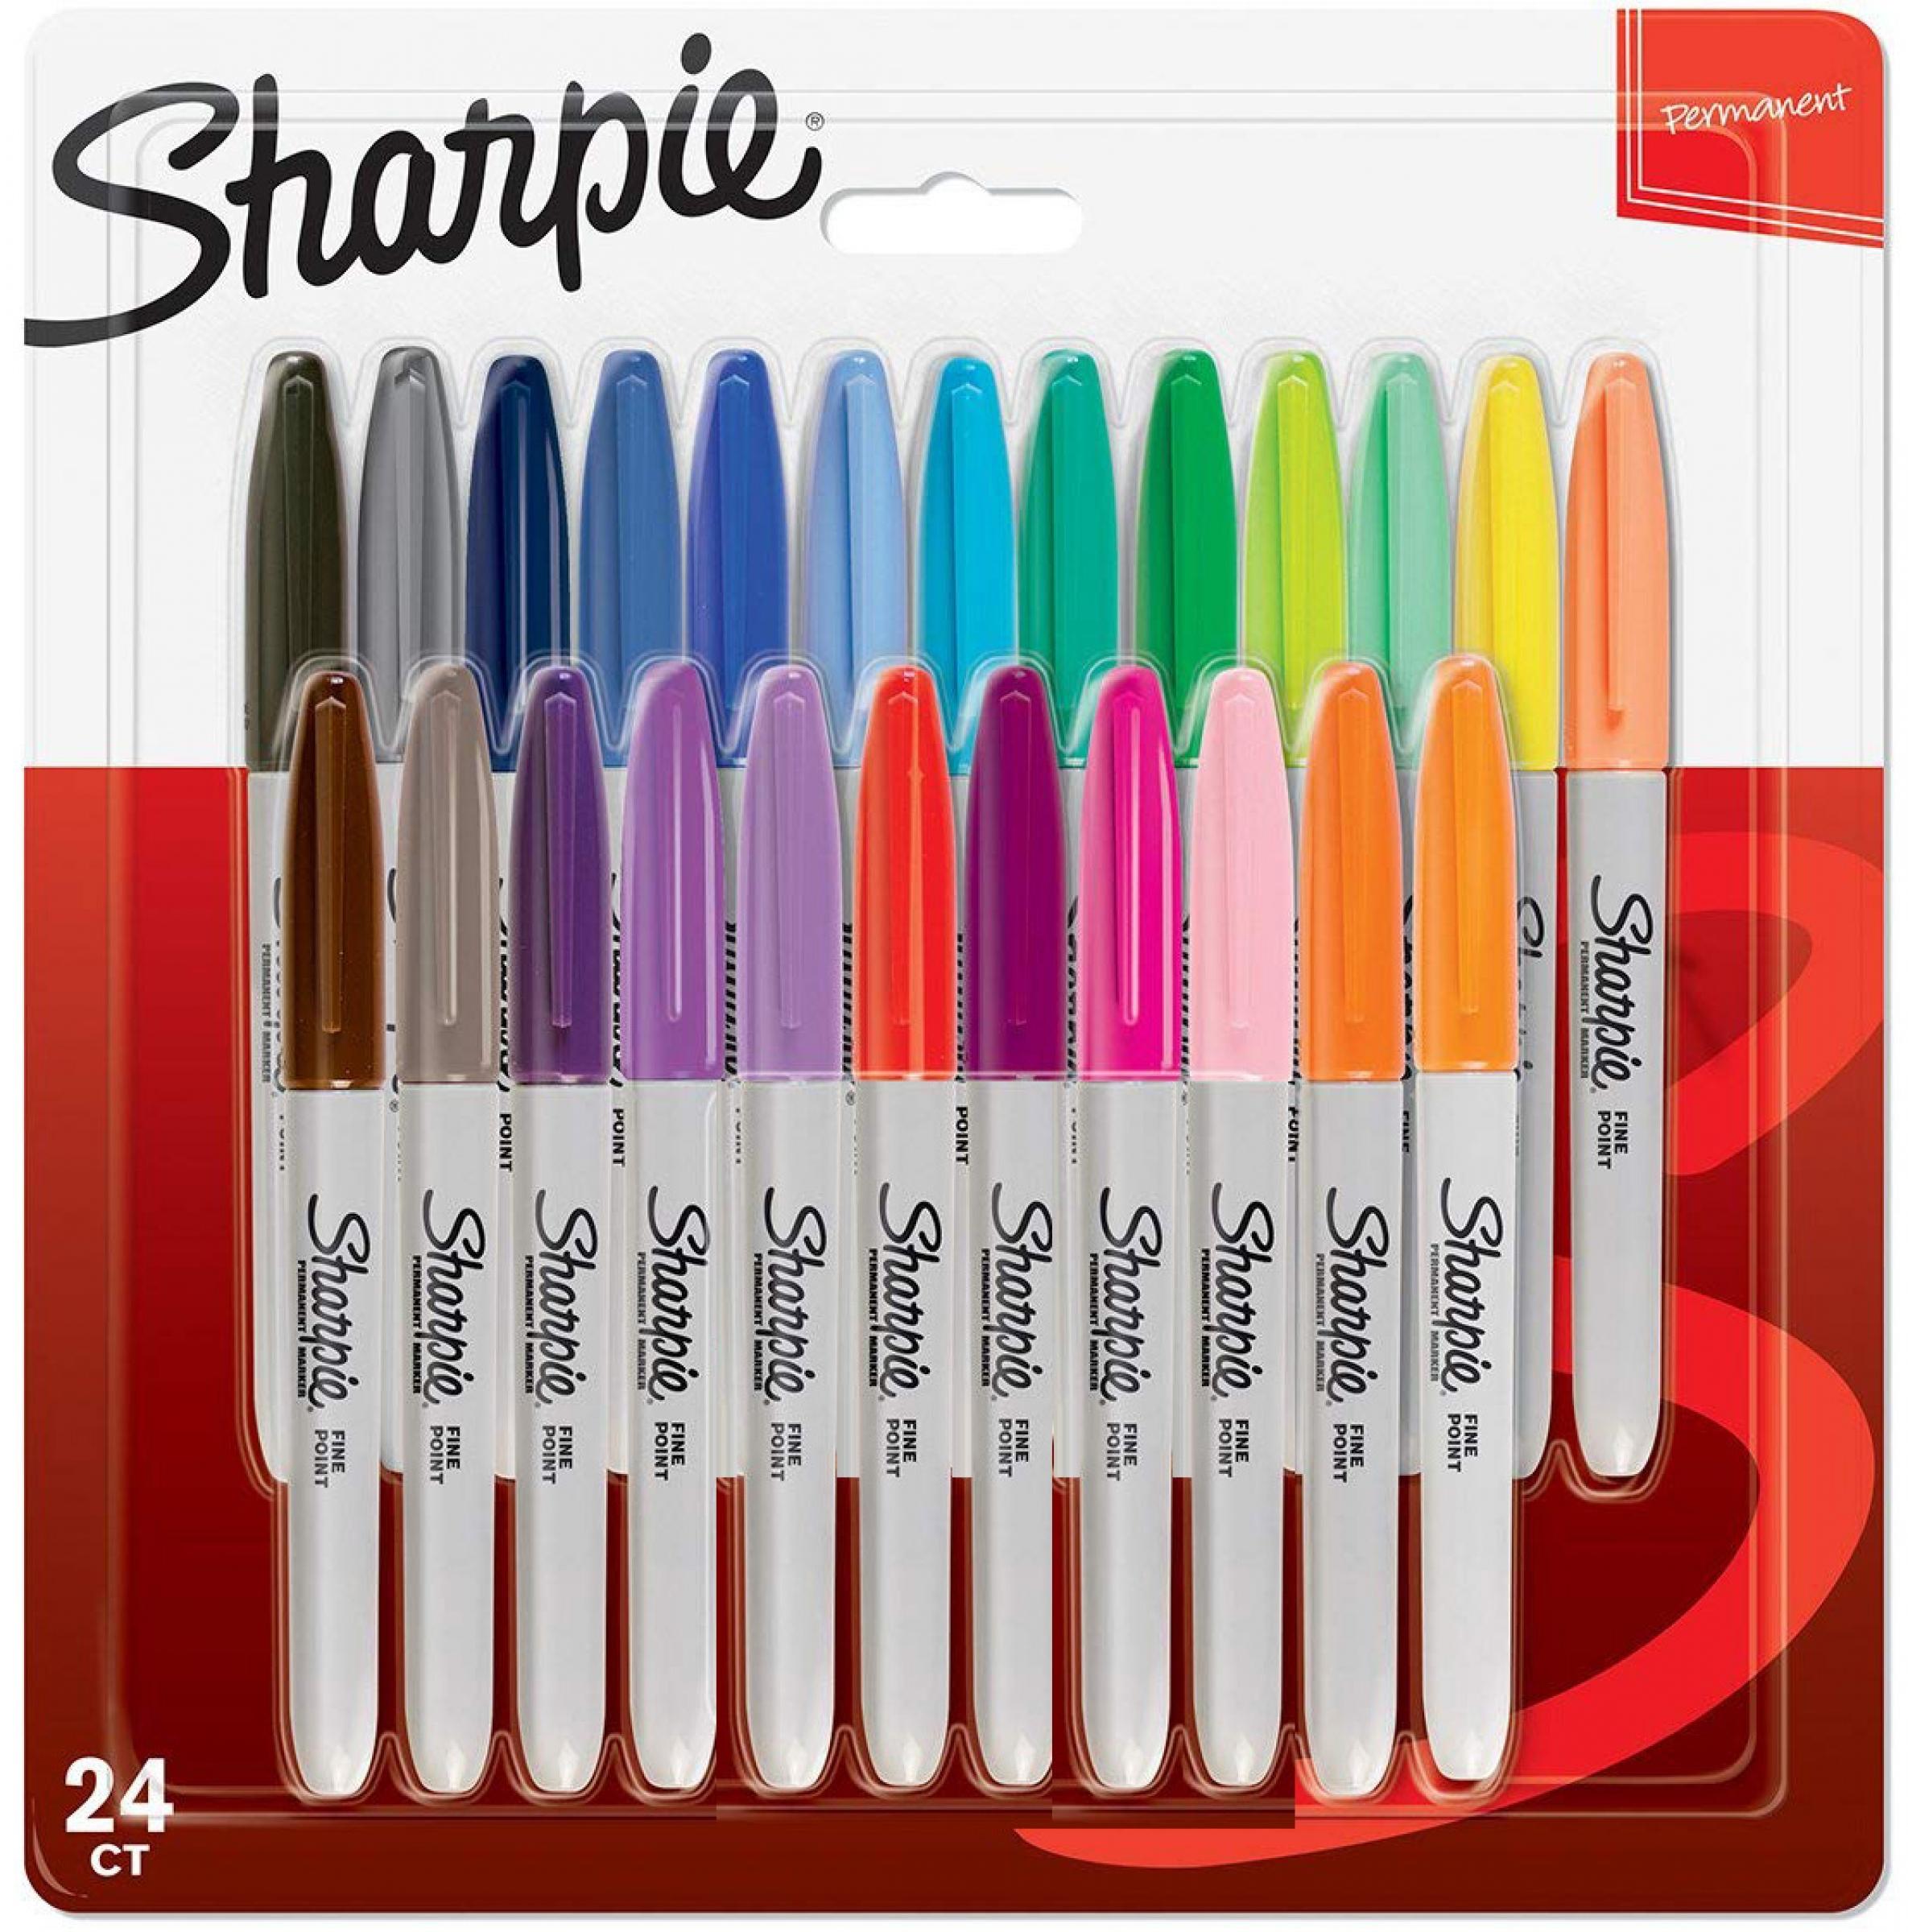 Sharpie 2065405 - 24 Stück(e) - Mehrfarben - Feine/ runde Spitze - Mehrfarben - Kunststoff - 0,9 mm